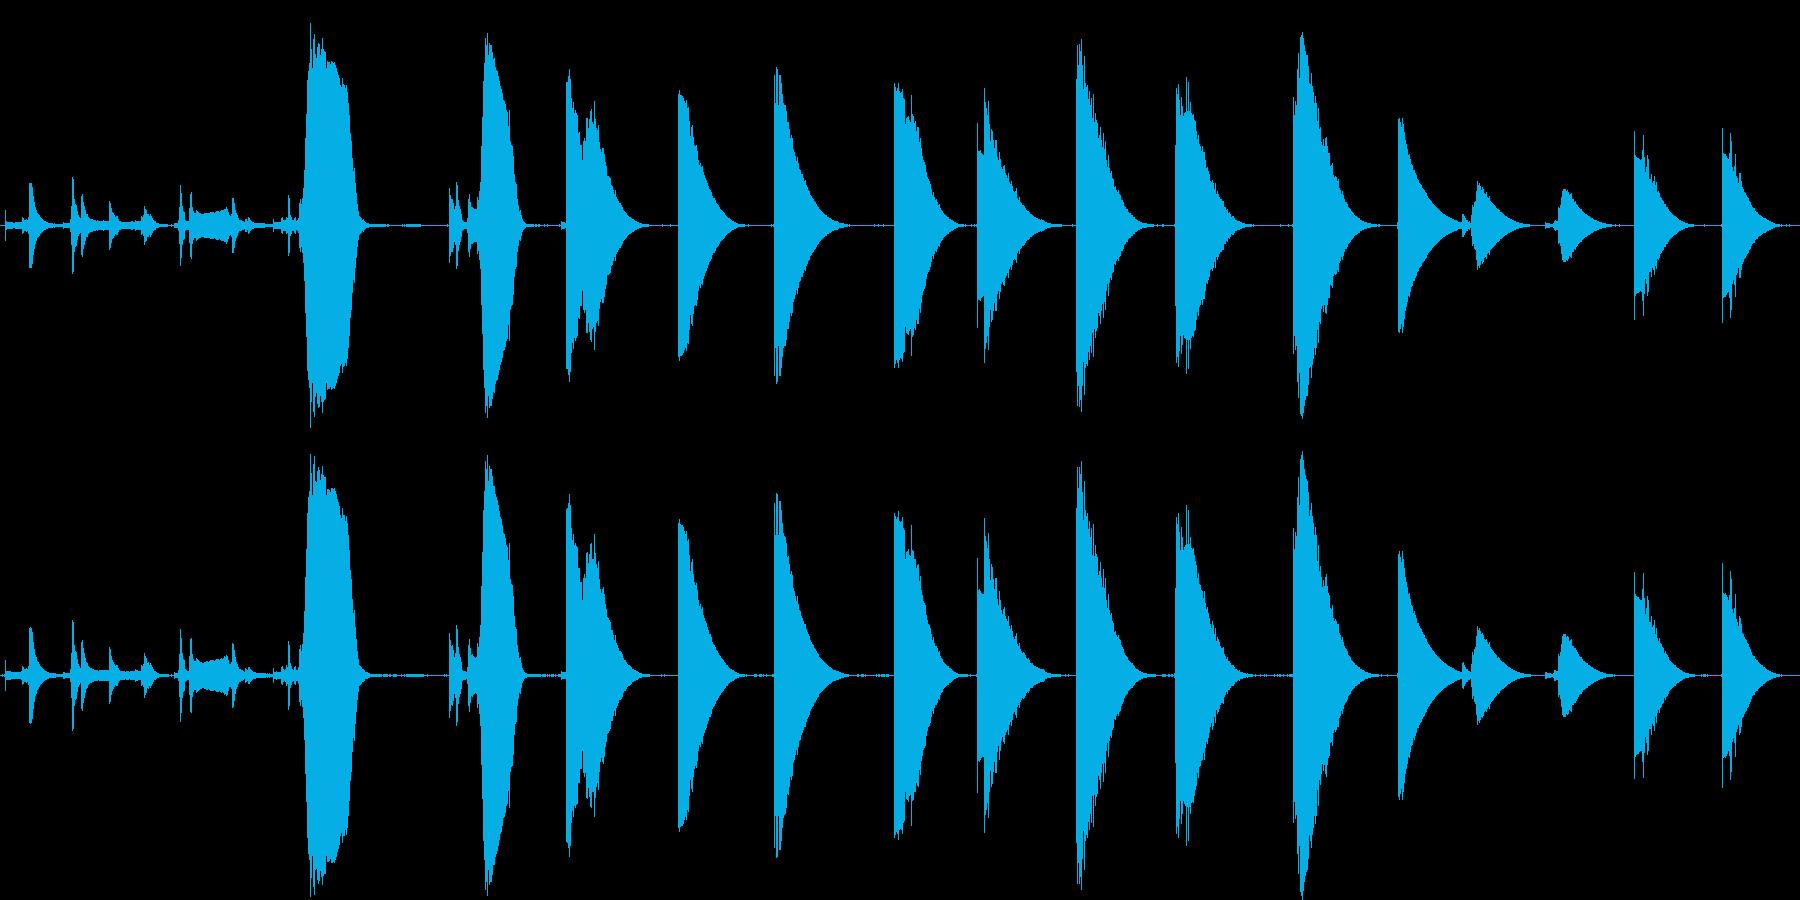 トーンザップレーザー各種の再生済みの波形